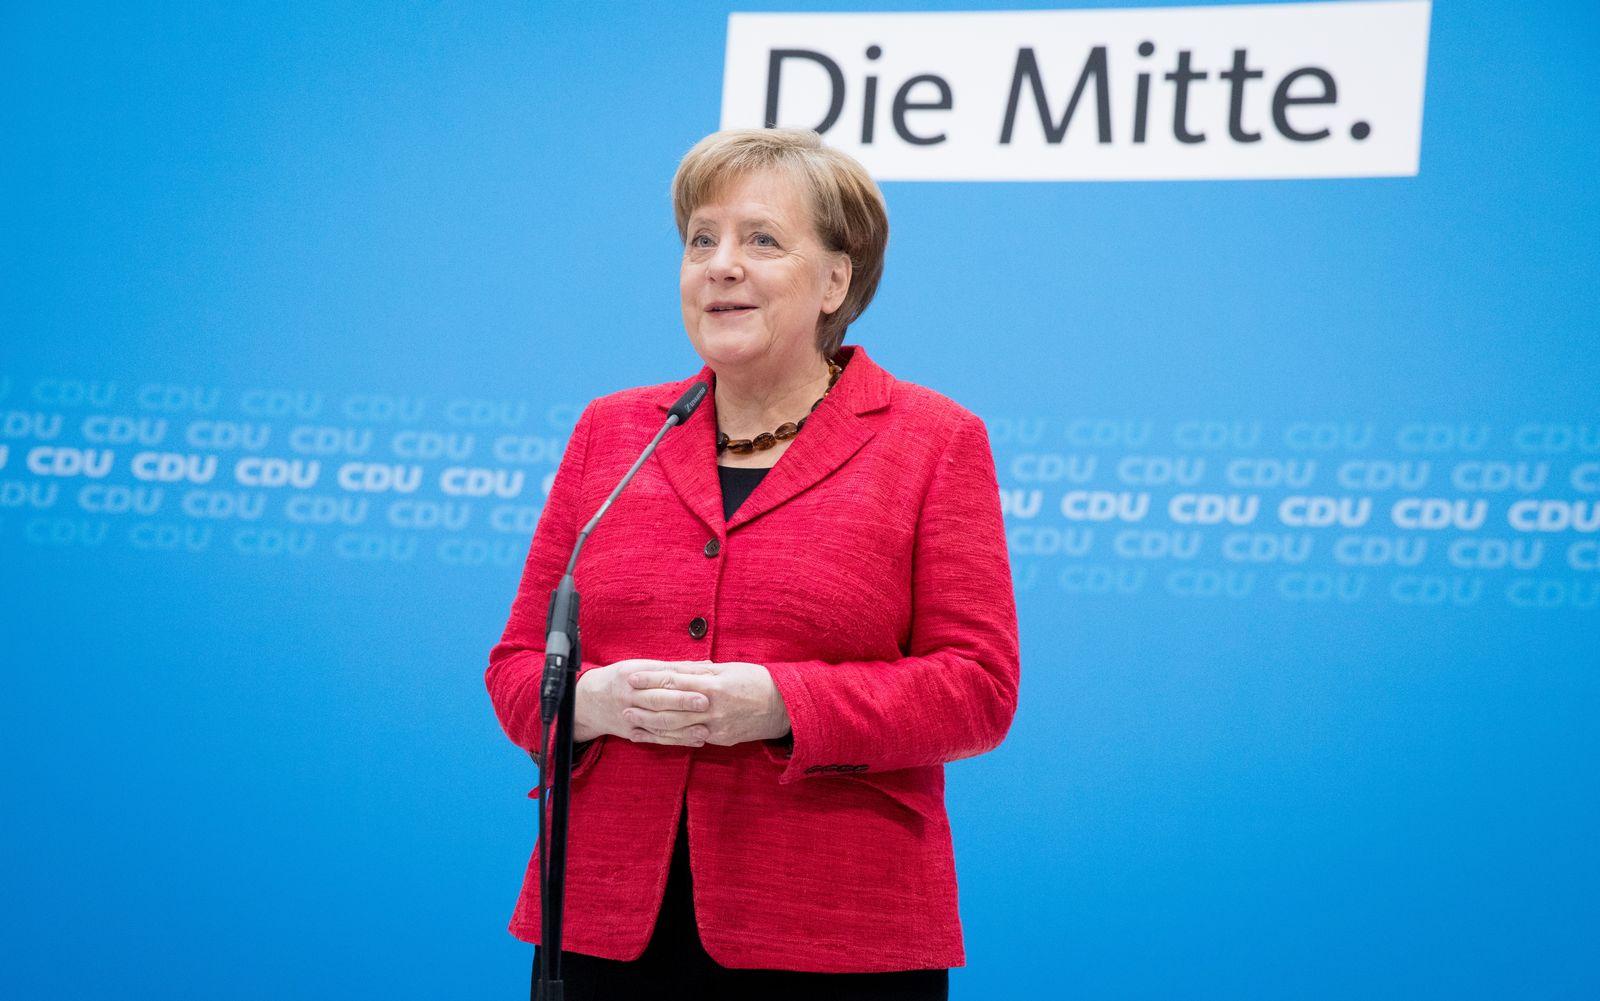 Merkel Mitte